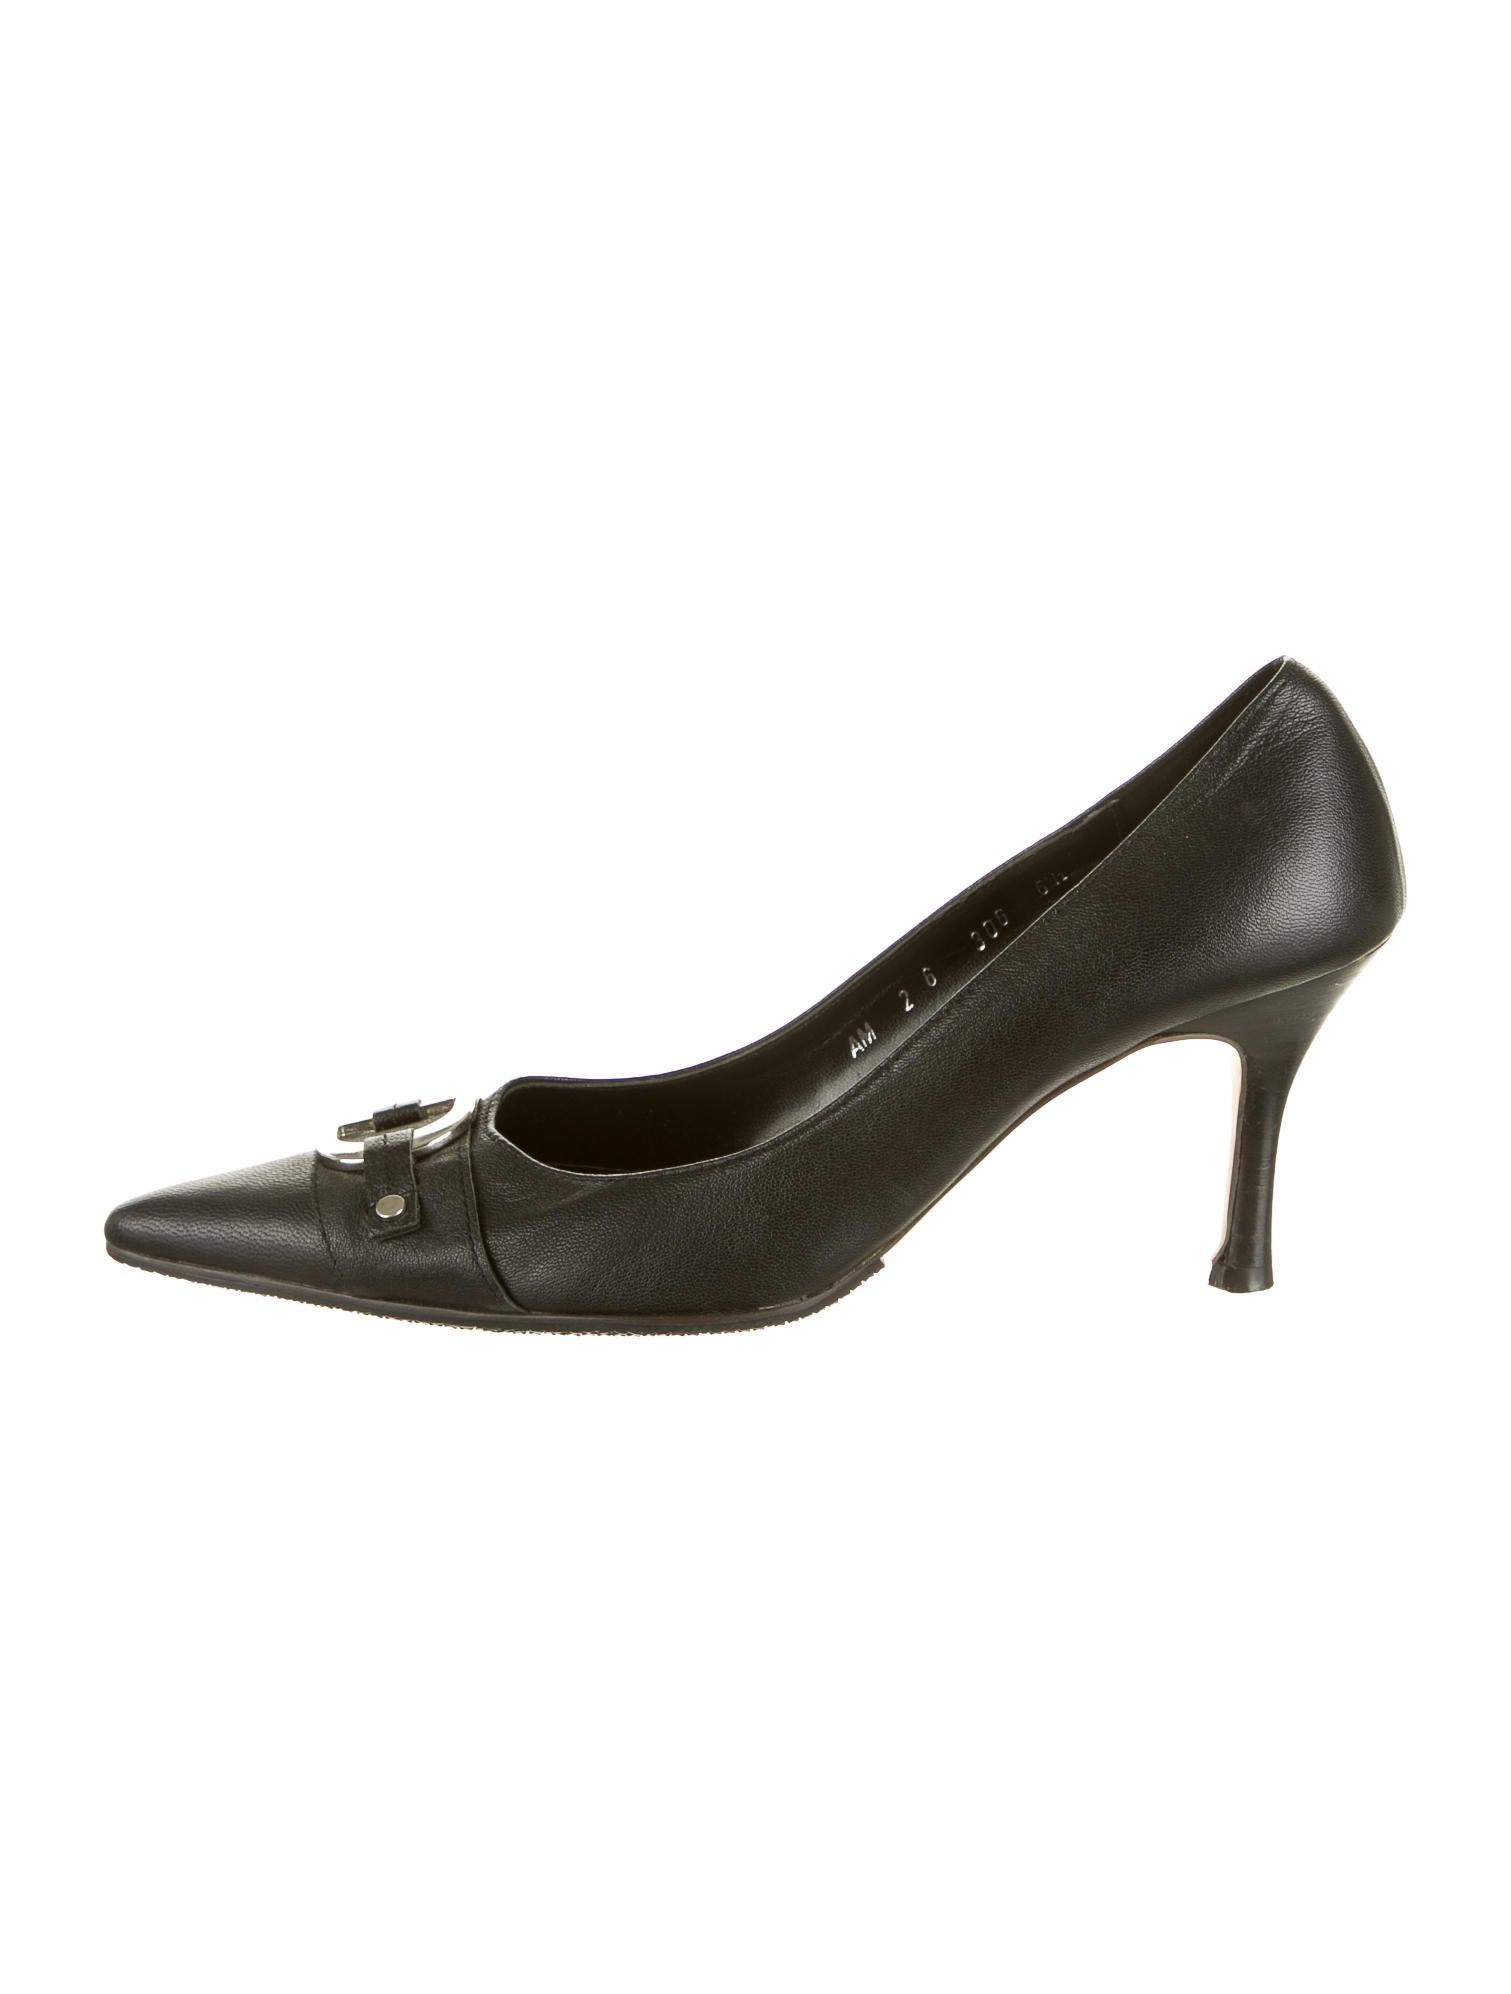 Christian Louboutin Open Toe Youtube Pumps Shoes Women  0c8bd40ba0